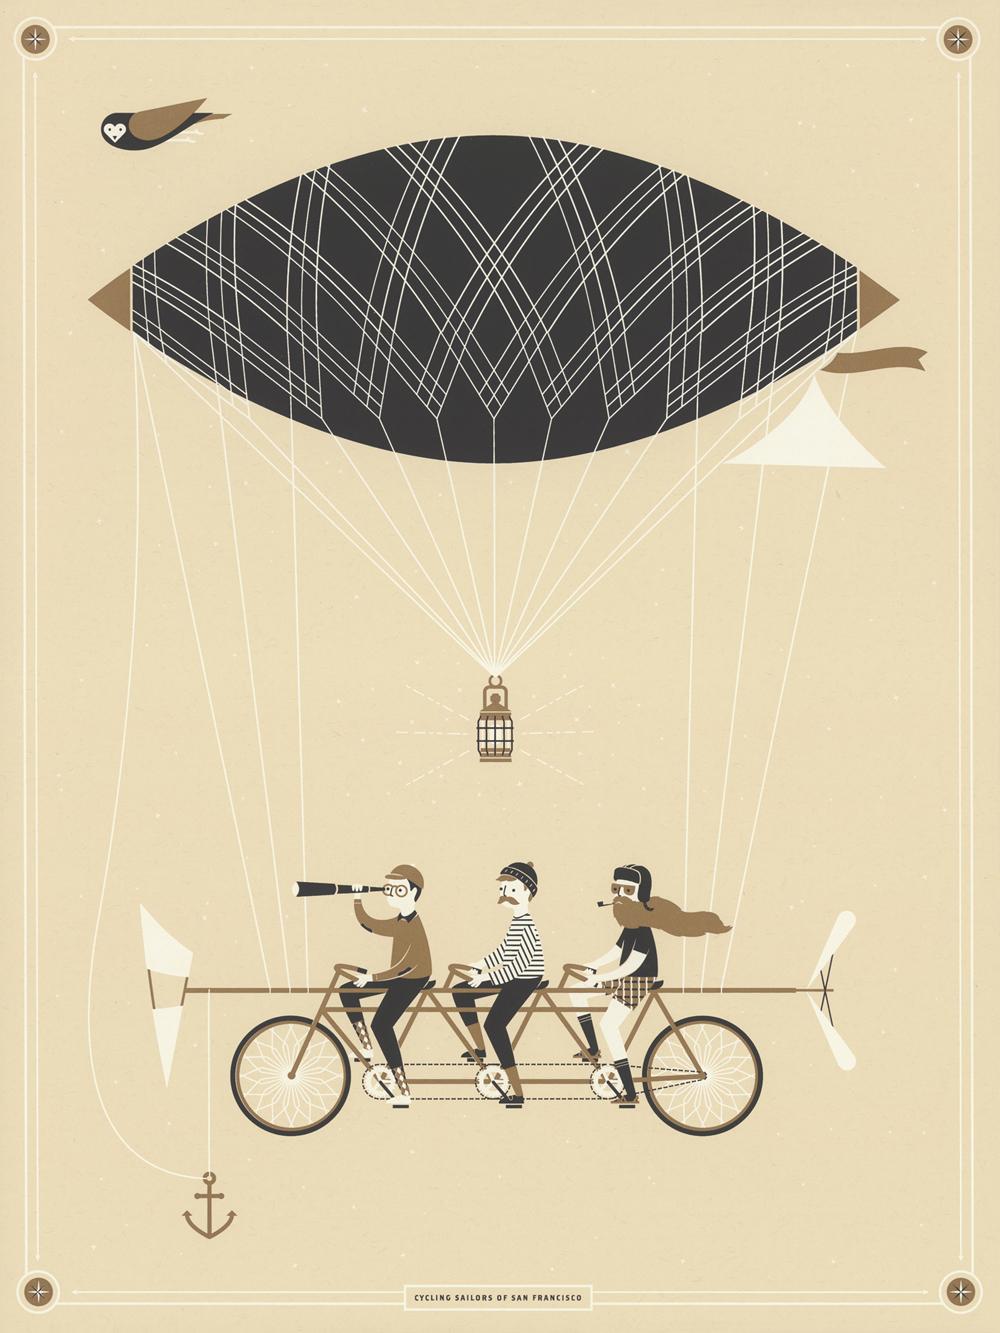 Cycling Sailors of San Francisco